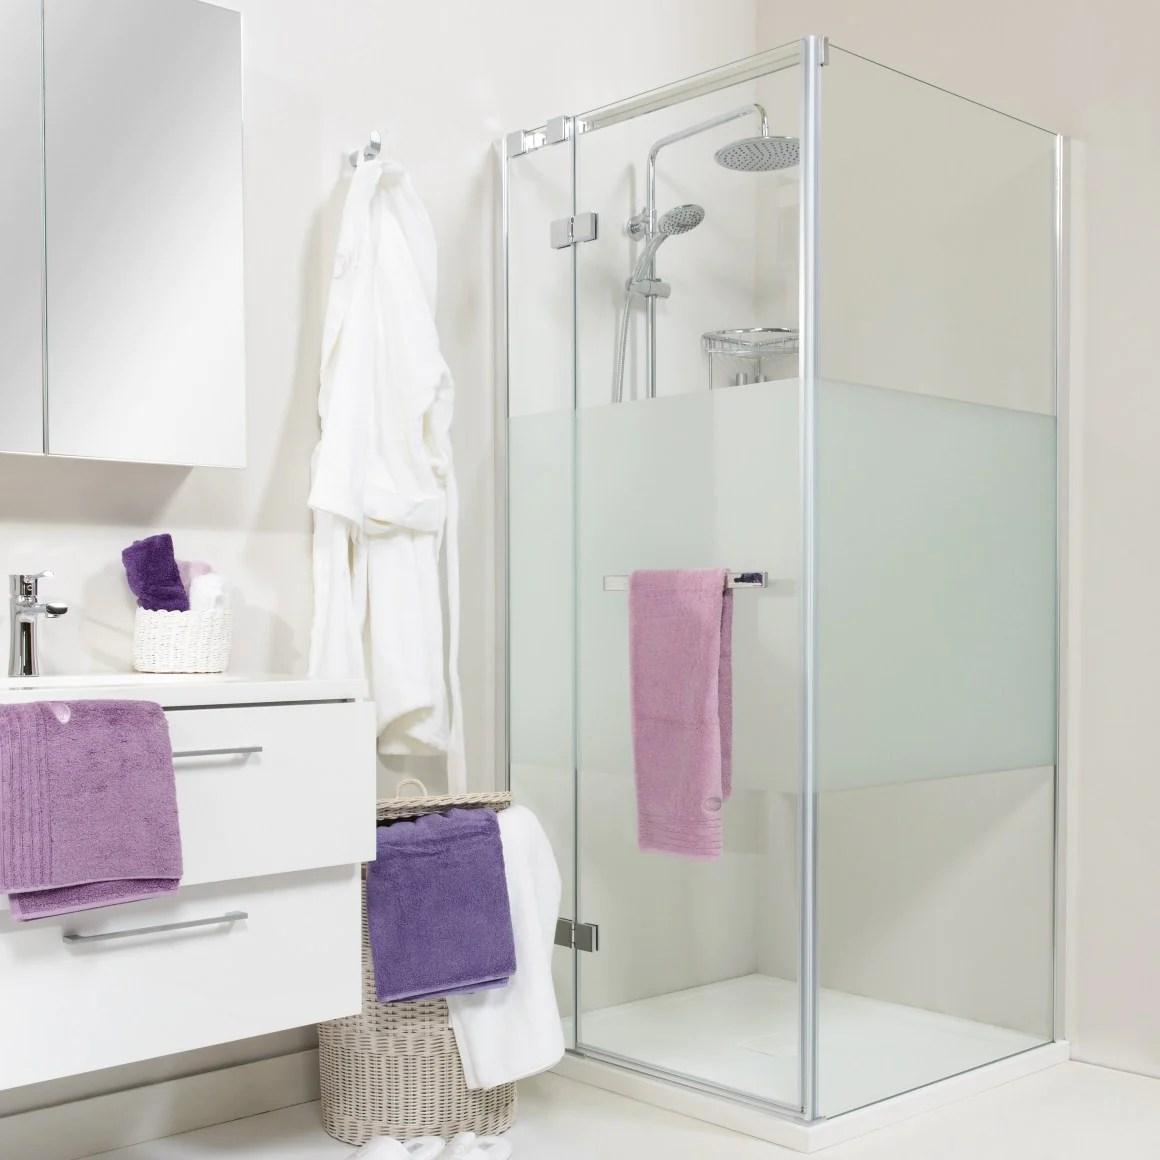 Mobexpert Blog - Cum să amenajezi cu stil o baie mică